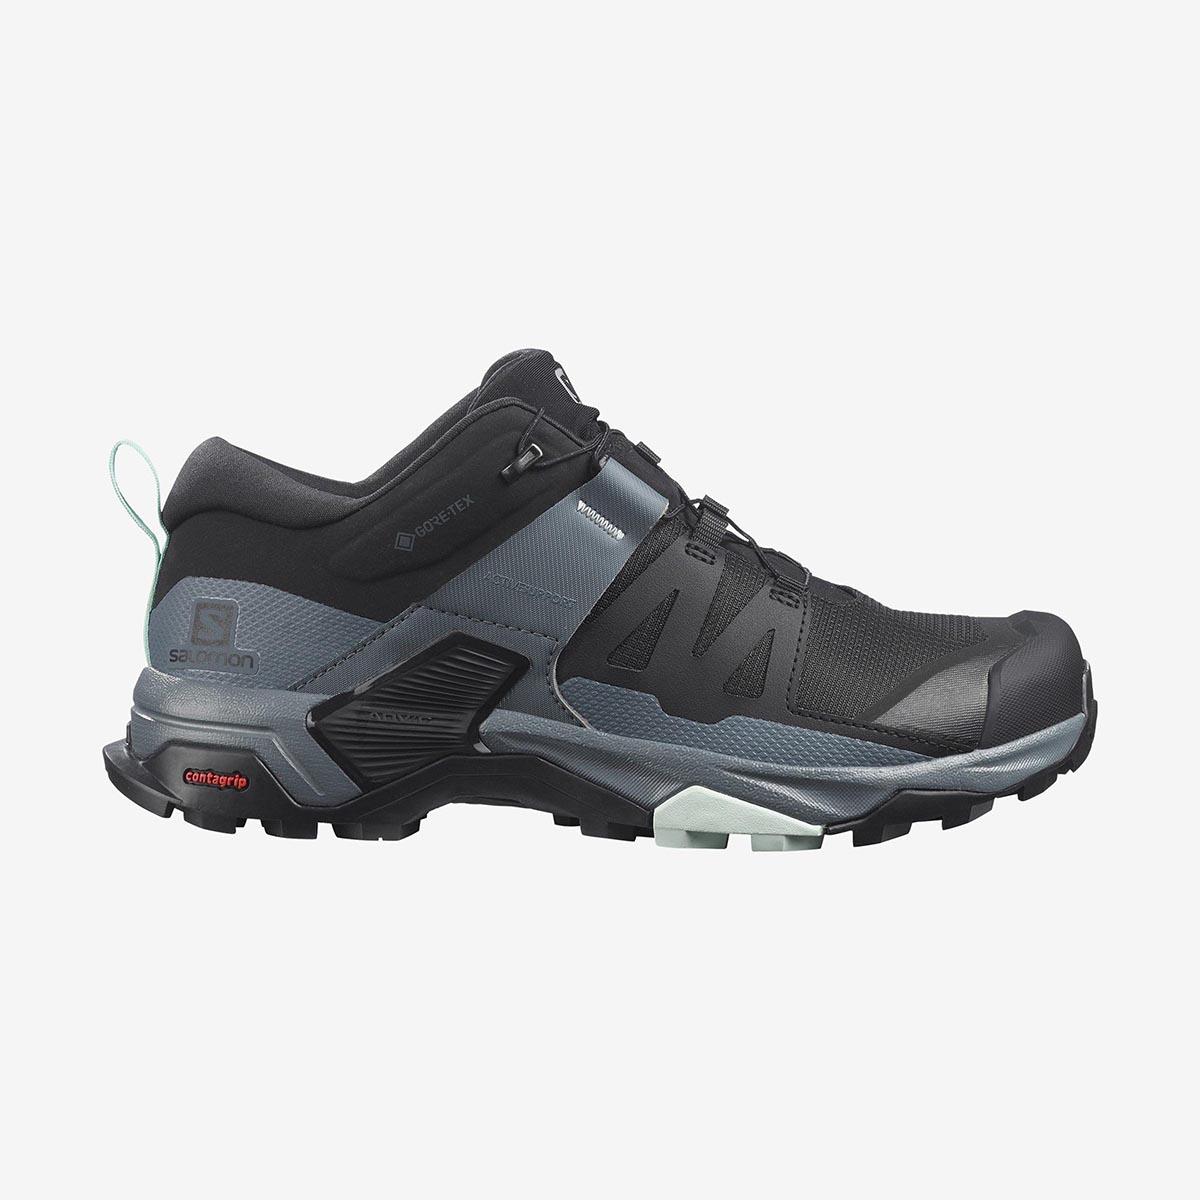 Salomon X Ultra 4 Gtx W Kadın Outdoor Ayakkabı L41289600